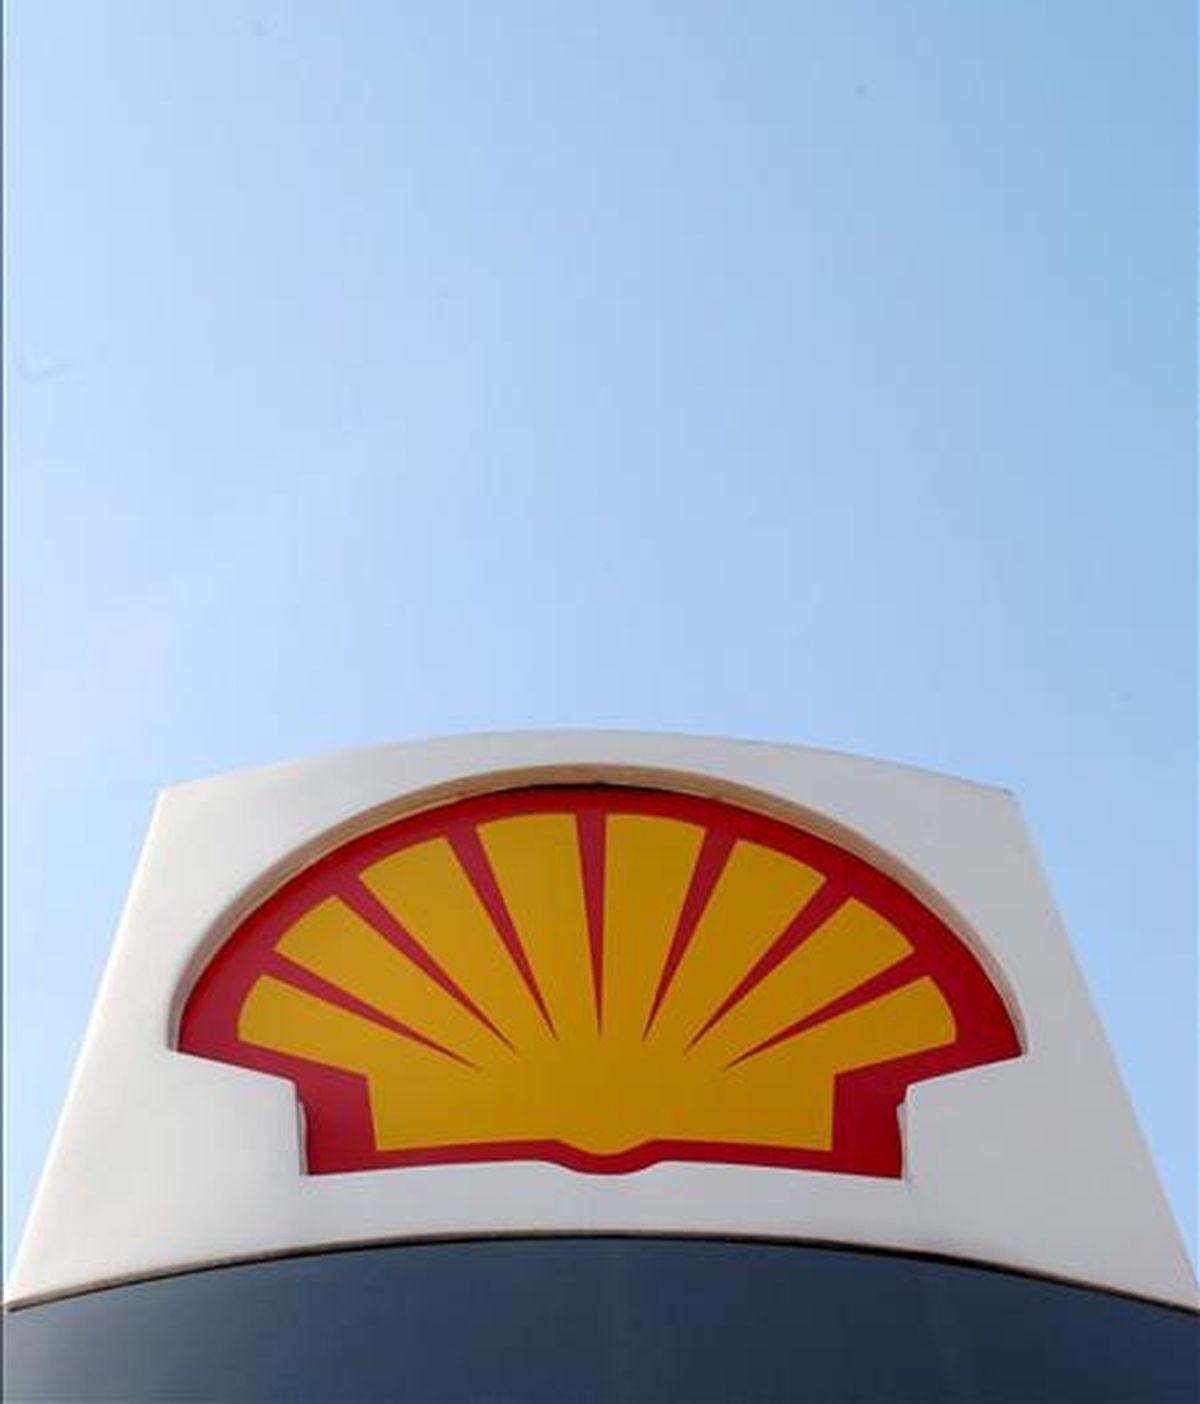 Logotipo de la petrolera Shell en Londres. EFE/Archivo